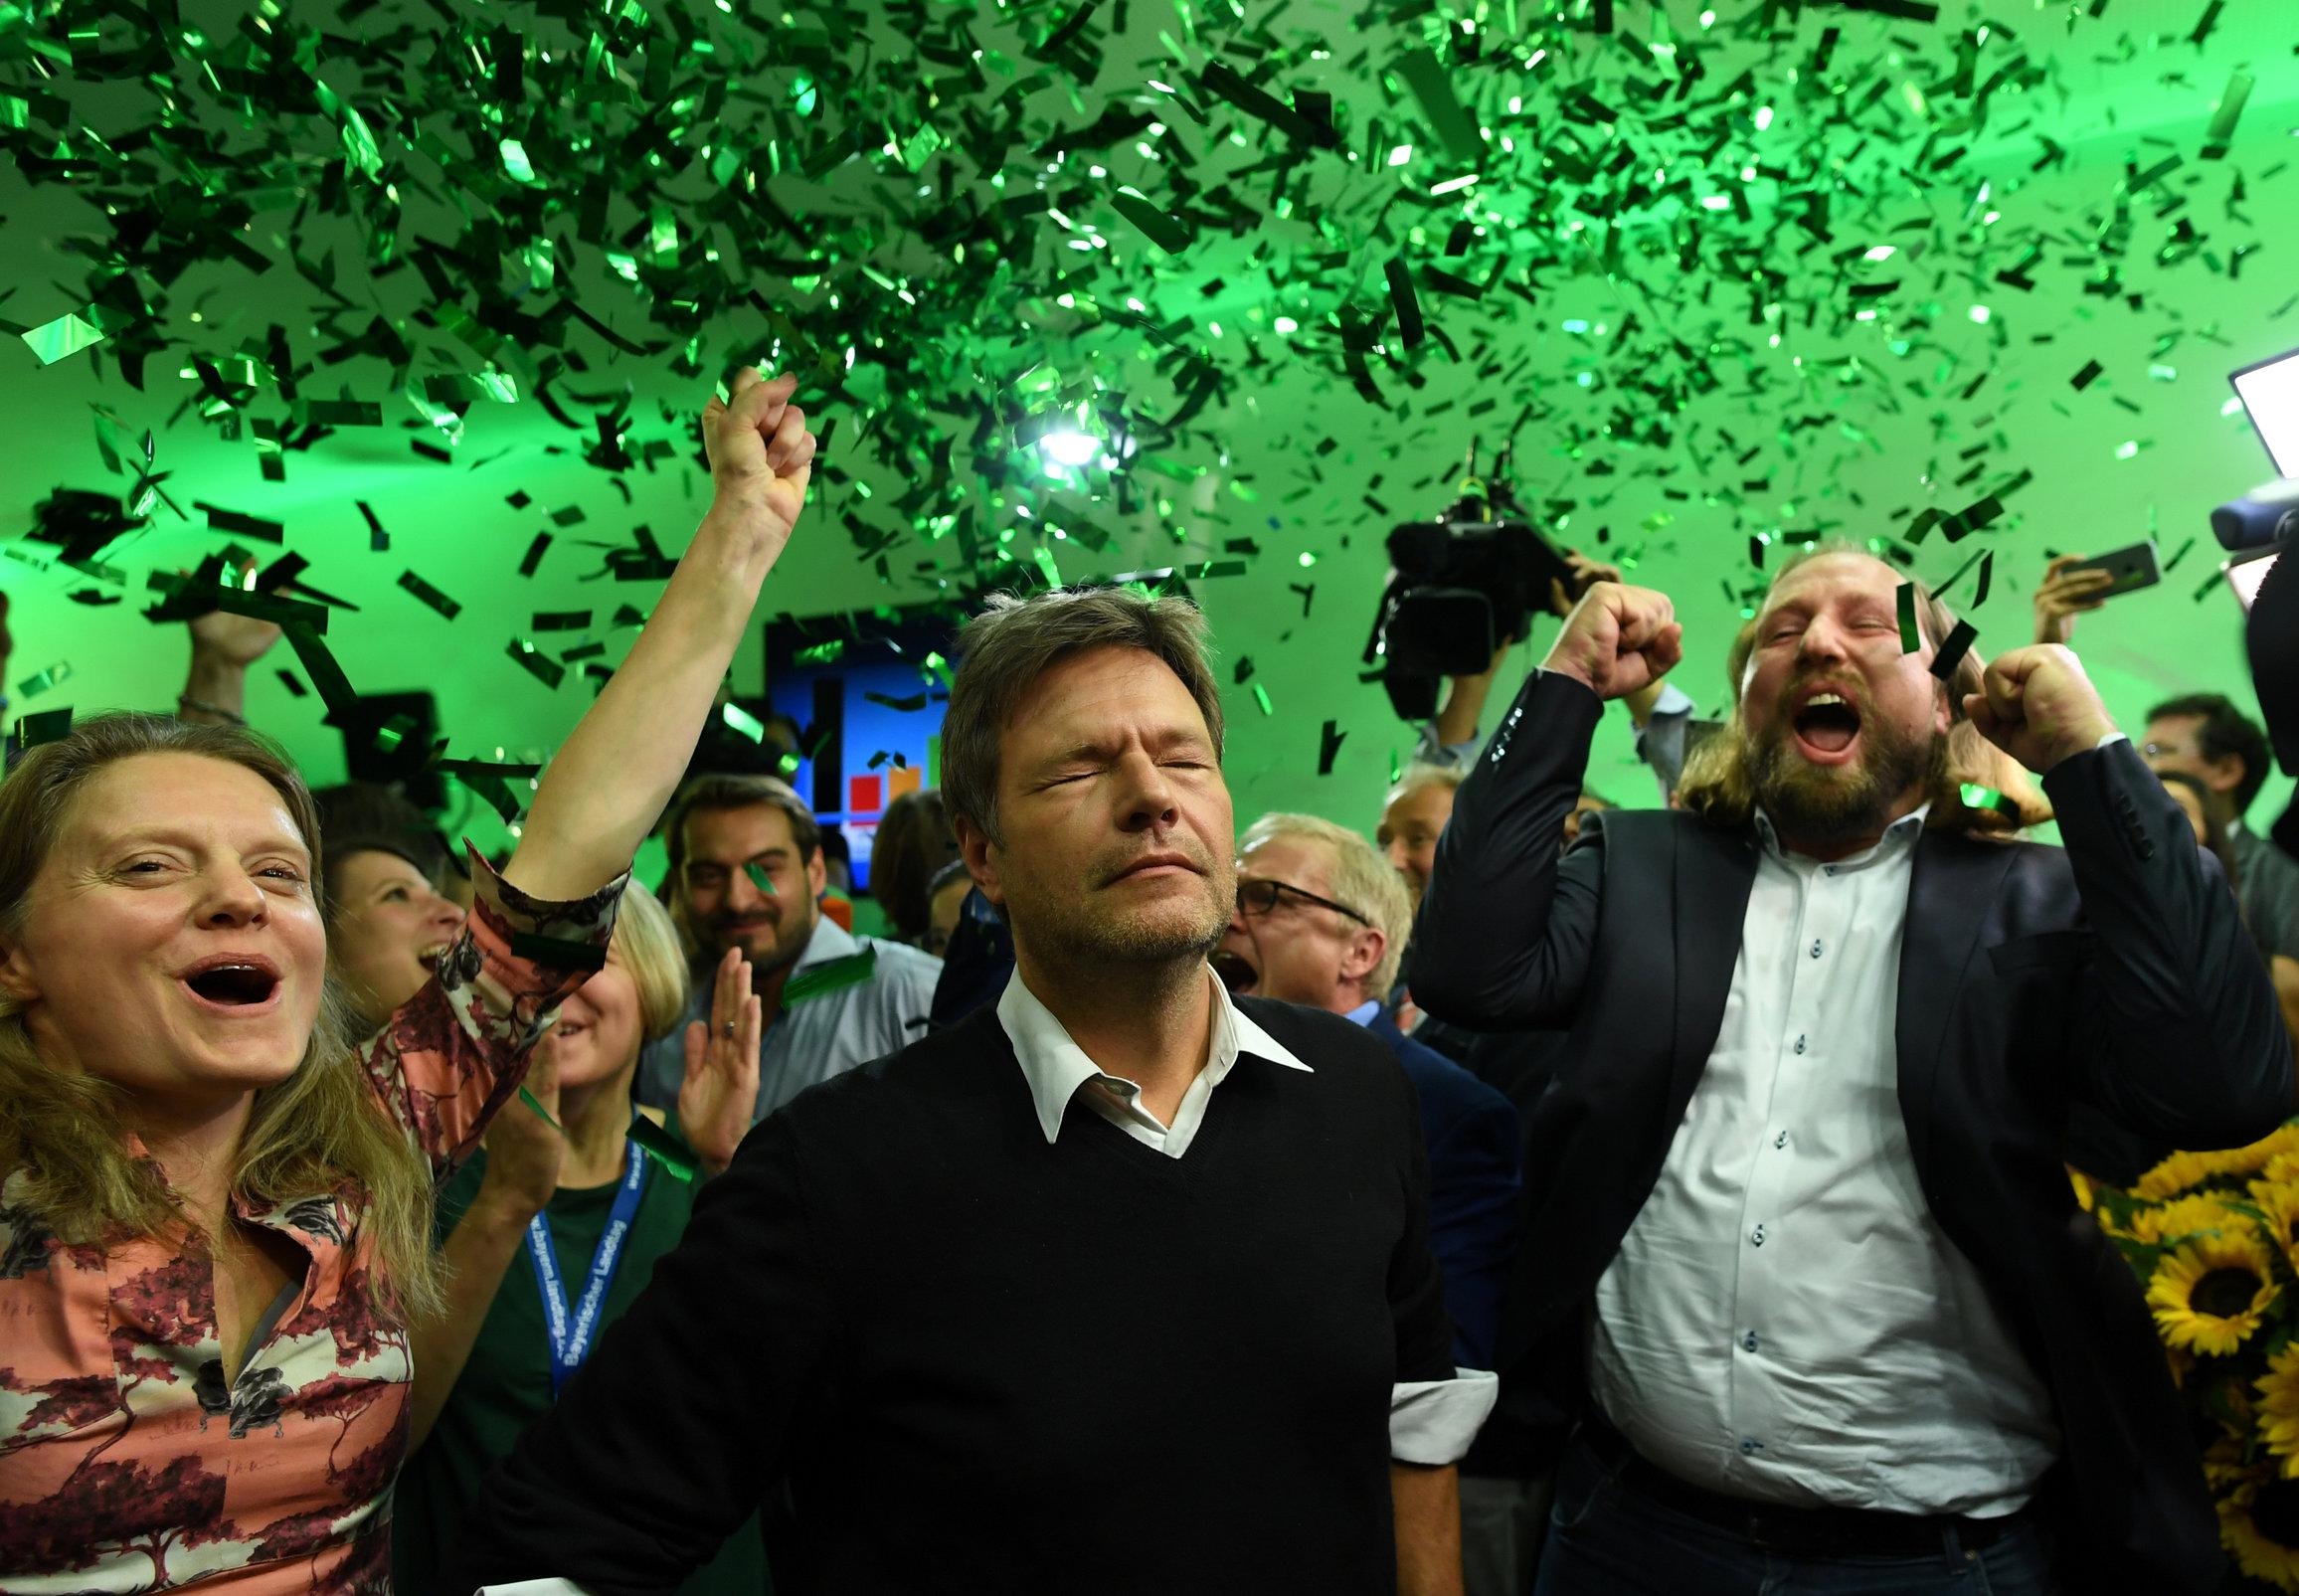 Lideri stranke Zelenih (slijeva) Henrike Hahn, Robert Habeck i Anton Hofreiter slave najbolji rezultat u povijesti na izborima u Bavarskoj prošle godine